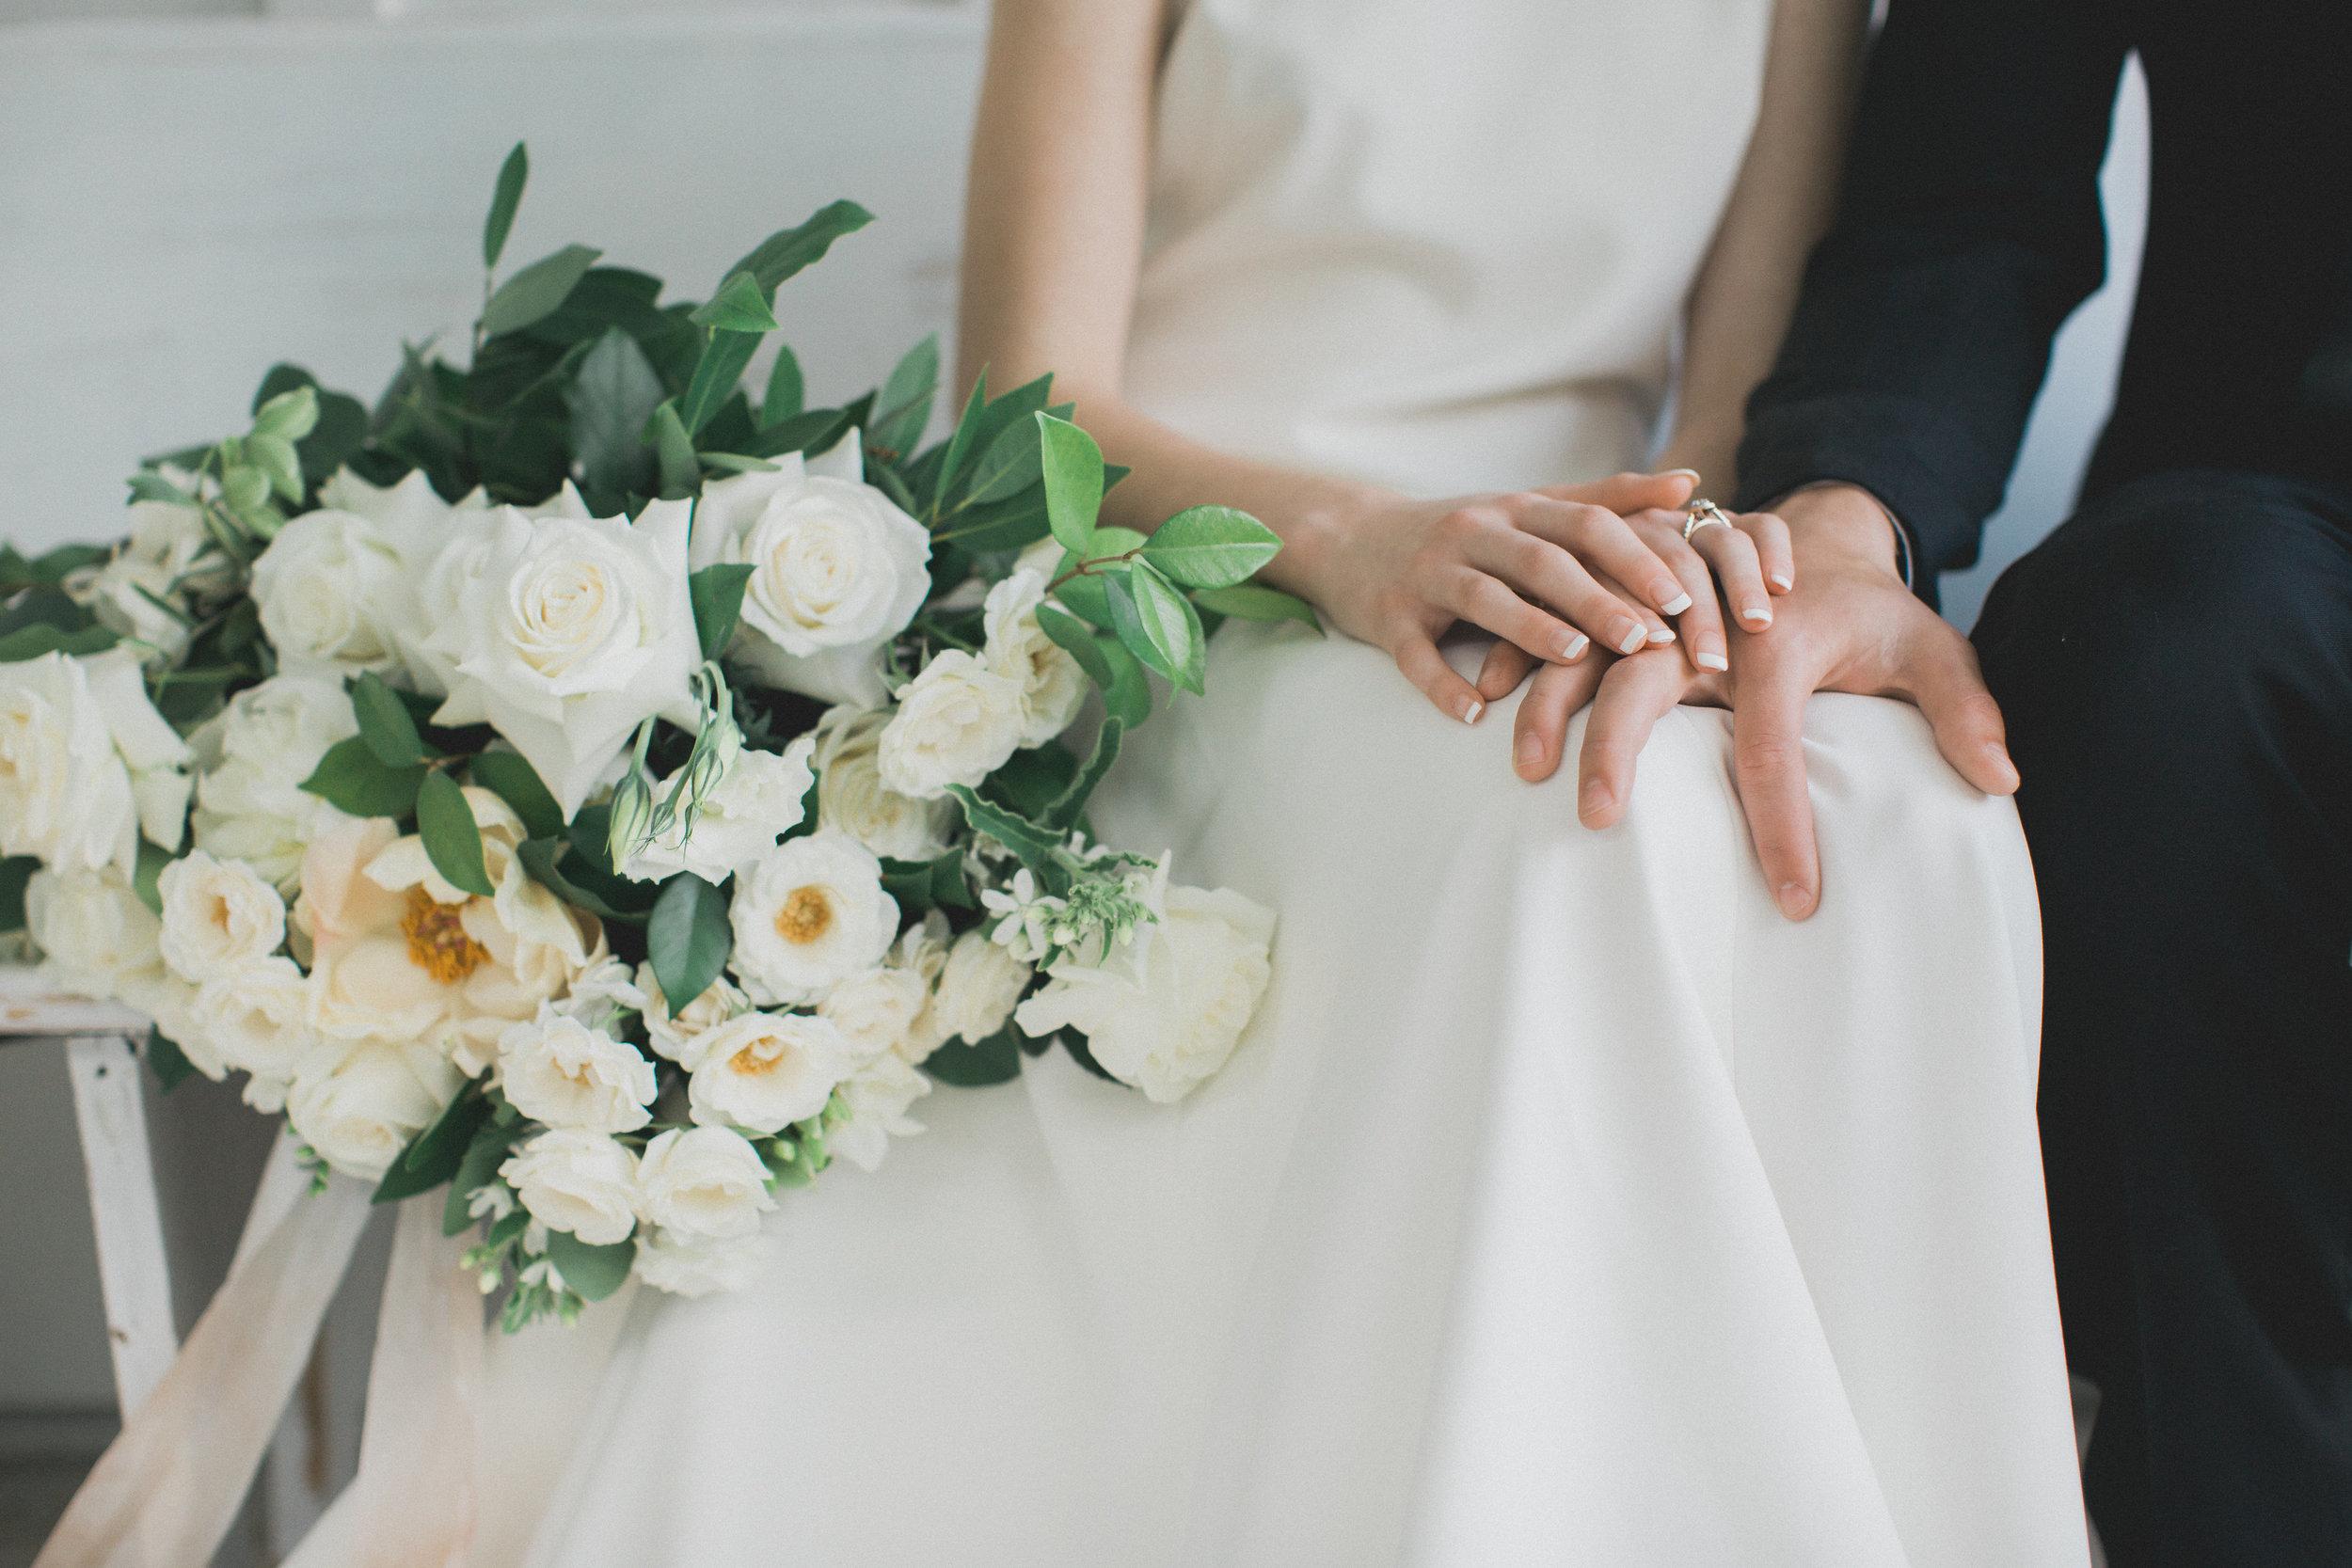 Summer Wedding Bridal Bouquet Ideas | Southern Summer White Barn Wedding in Dallas, TX